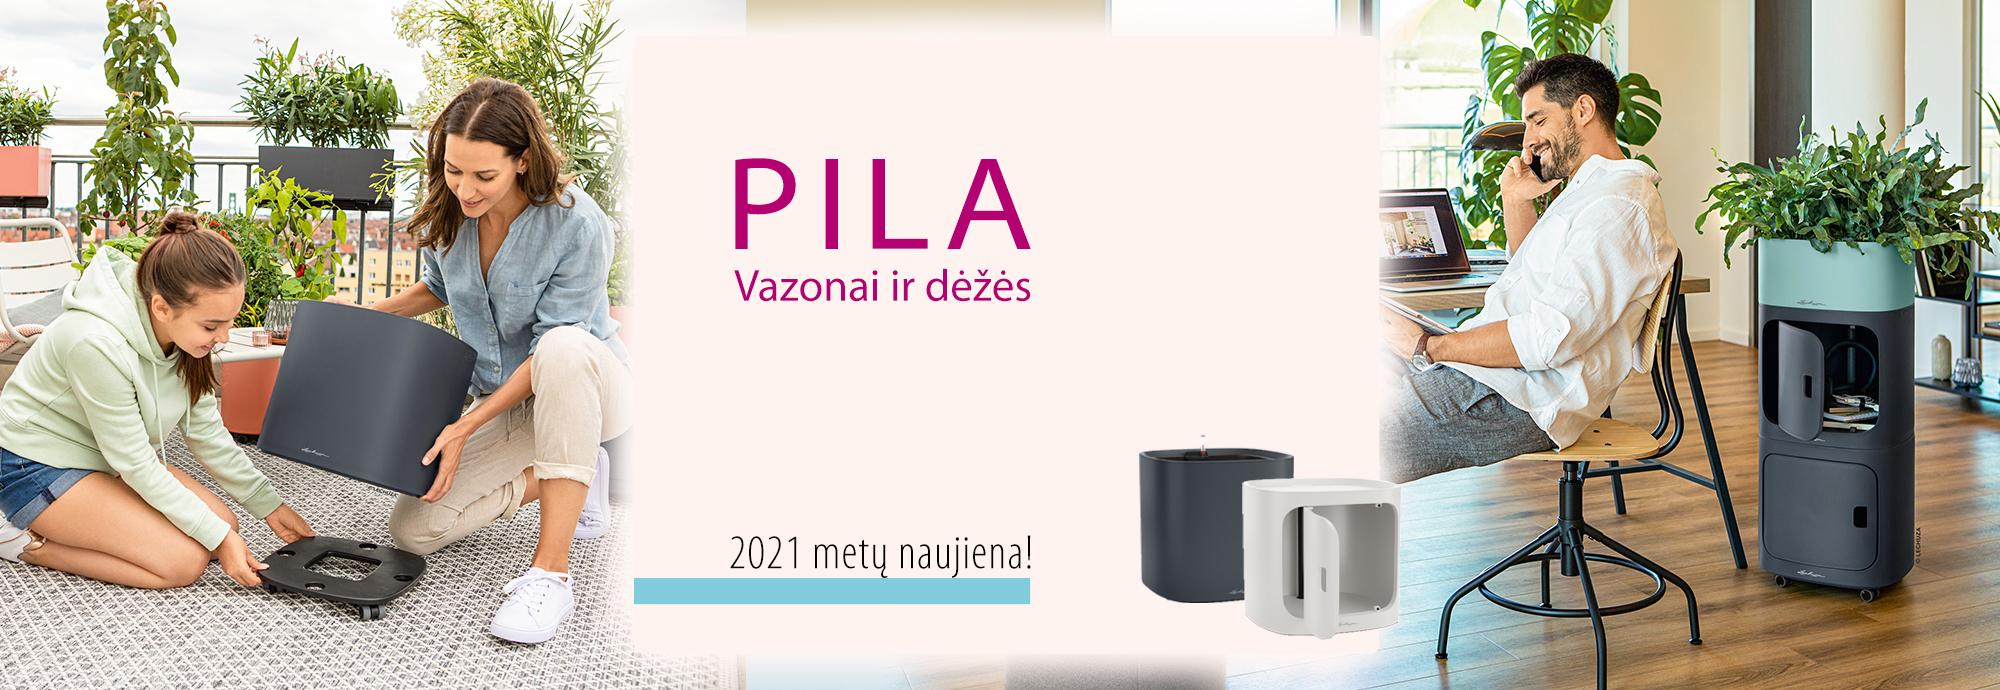 Pila Vazonai ir dėžės 2021 metų naujiena